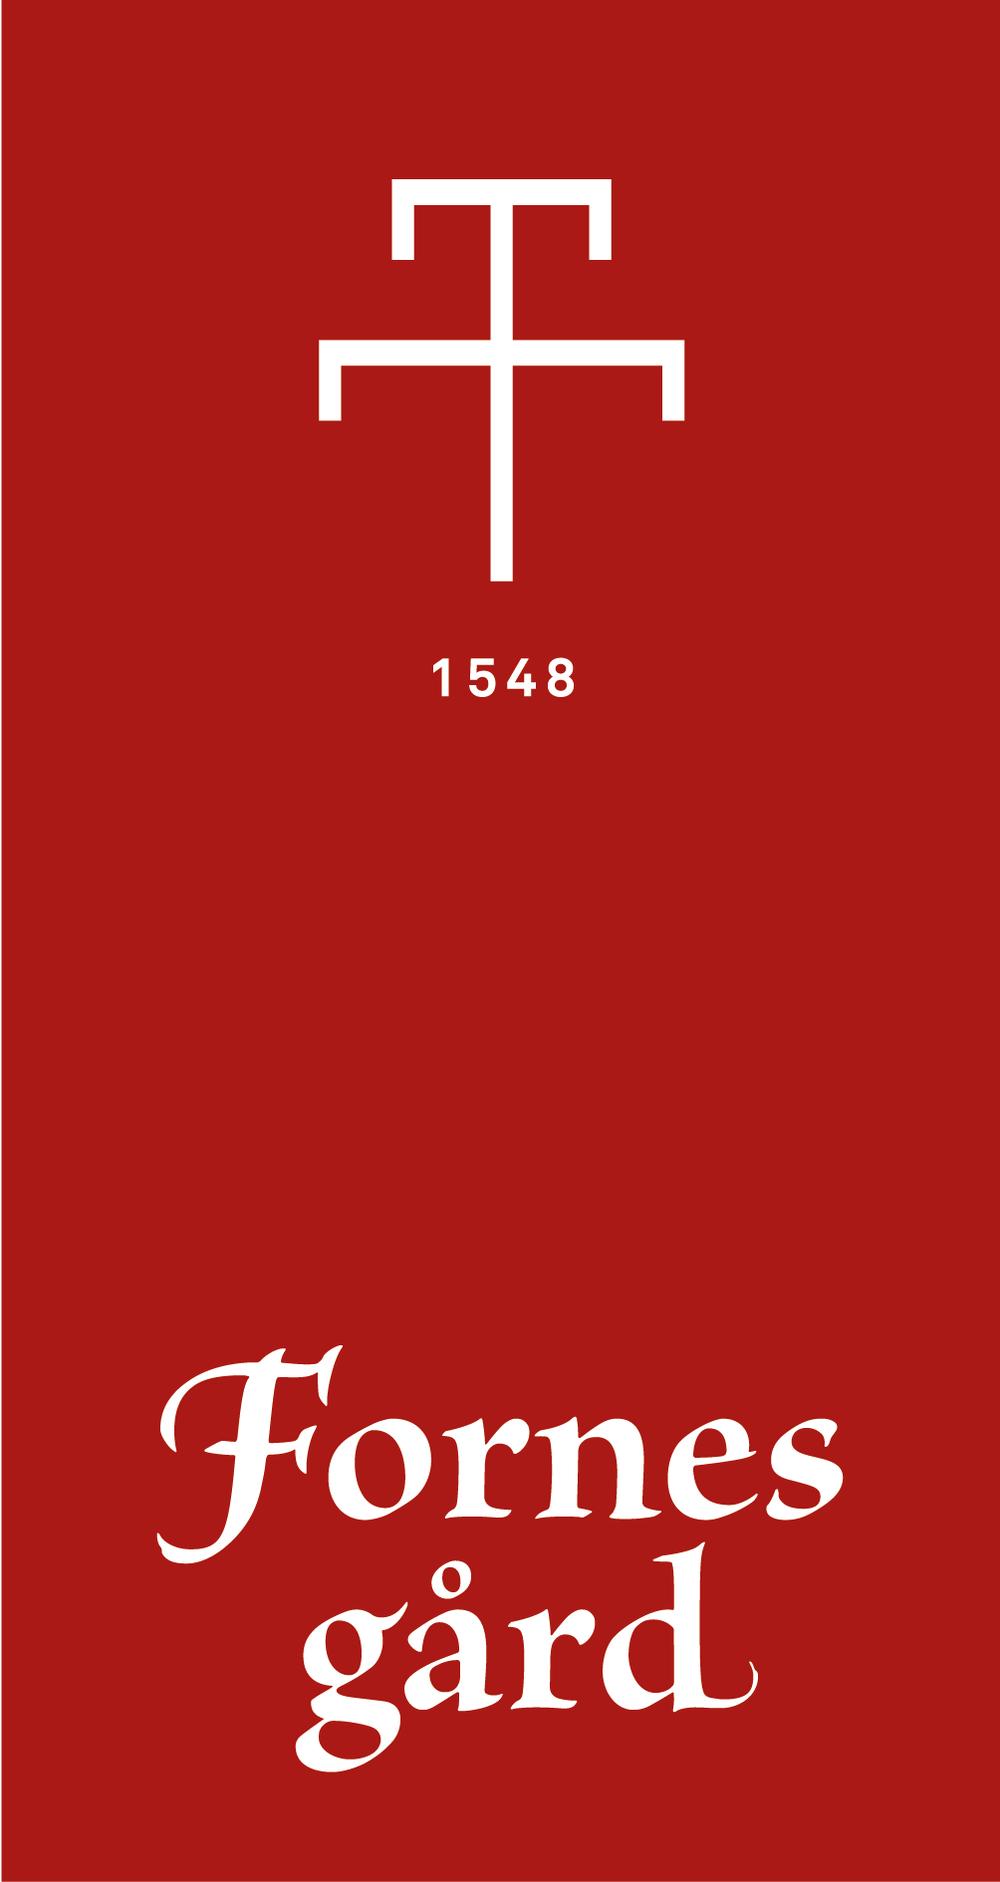 fornes gård logoer høy-02.png